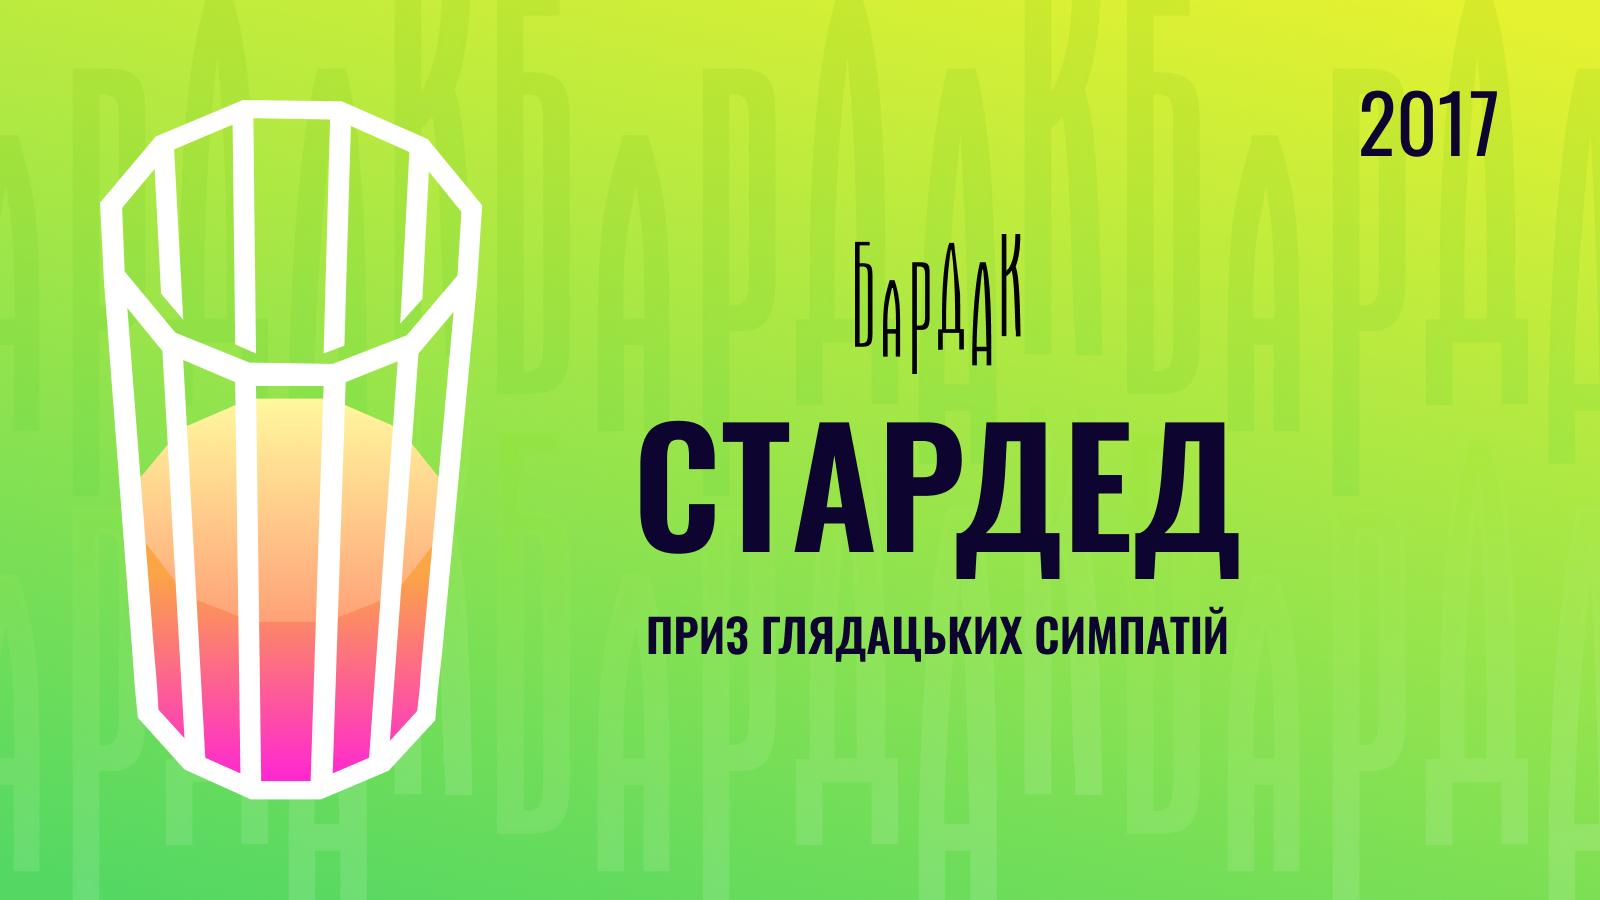 Стардед, 2017 реж. Бекалов | Судаков